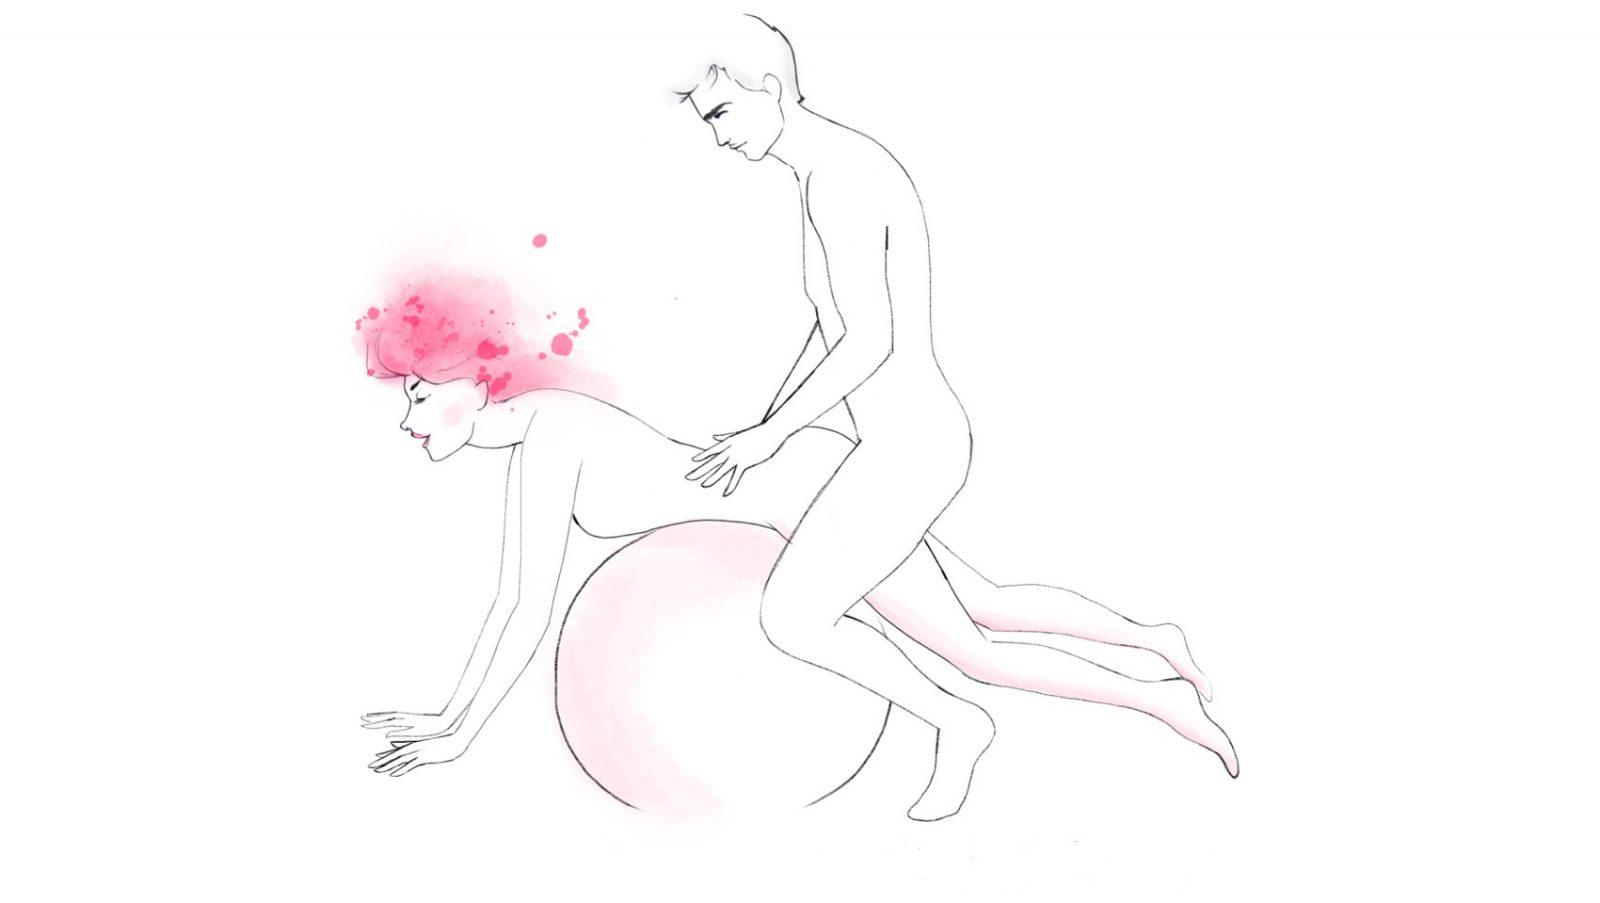 необычная поза секса